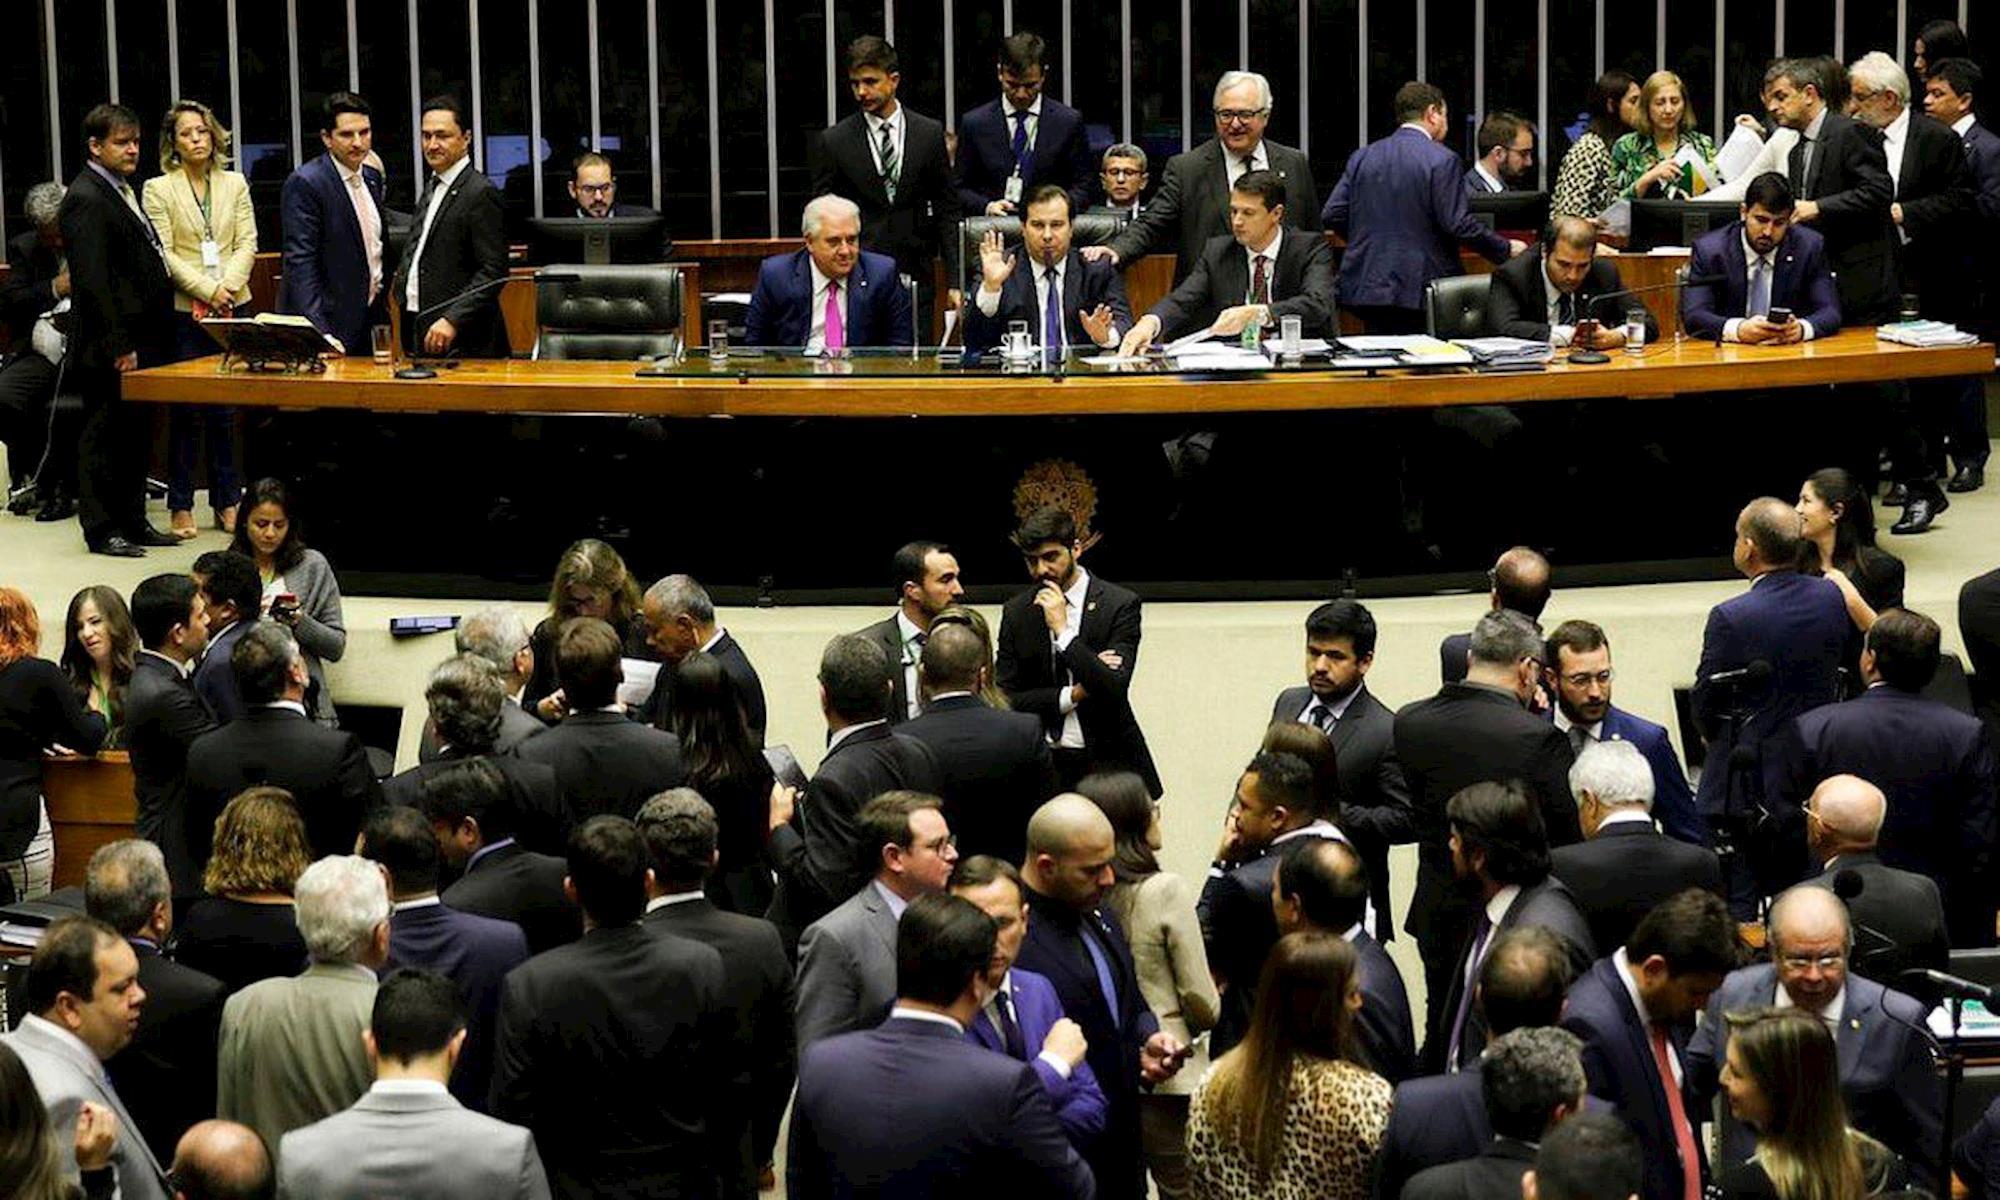 câmara, reforma, previdência, deputado, federal, FÁBIO R. POZZEBOM/ABR